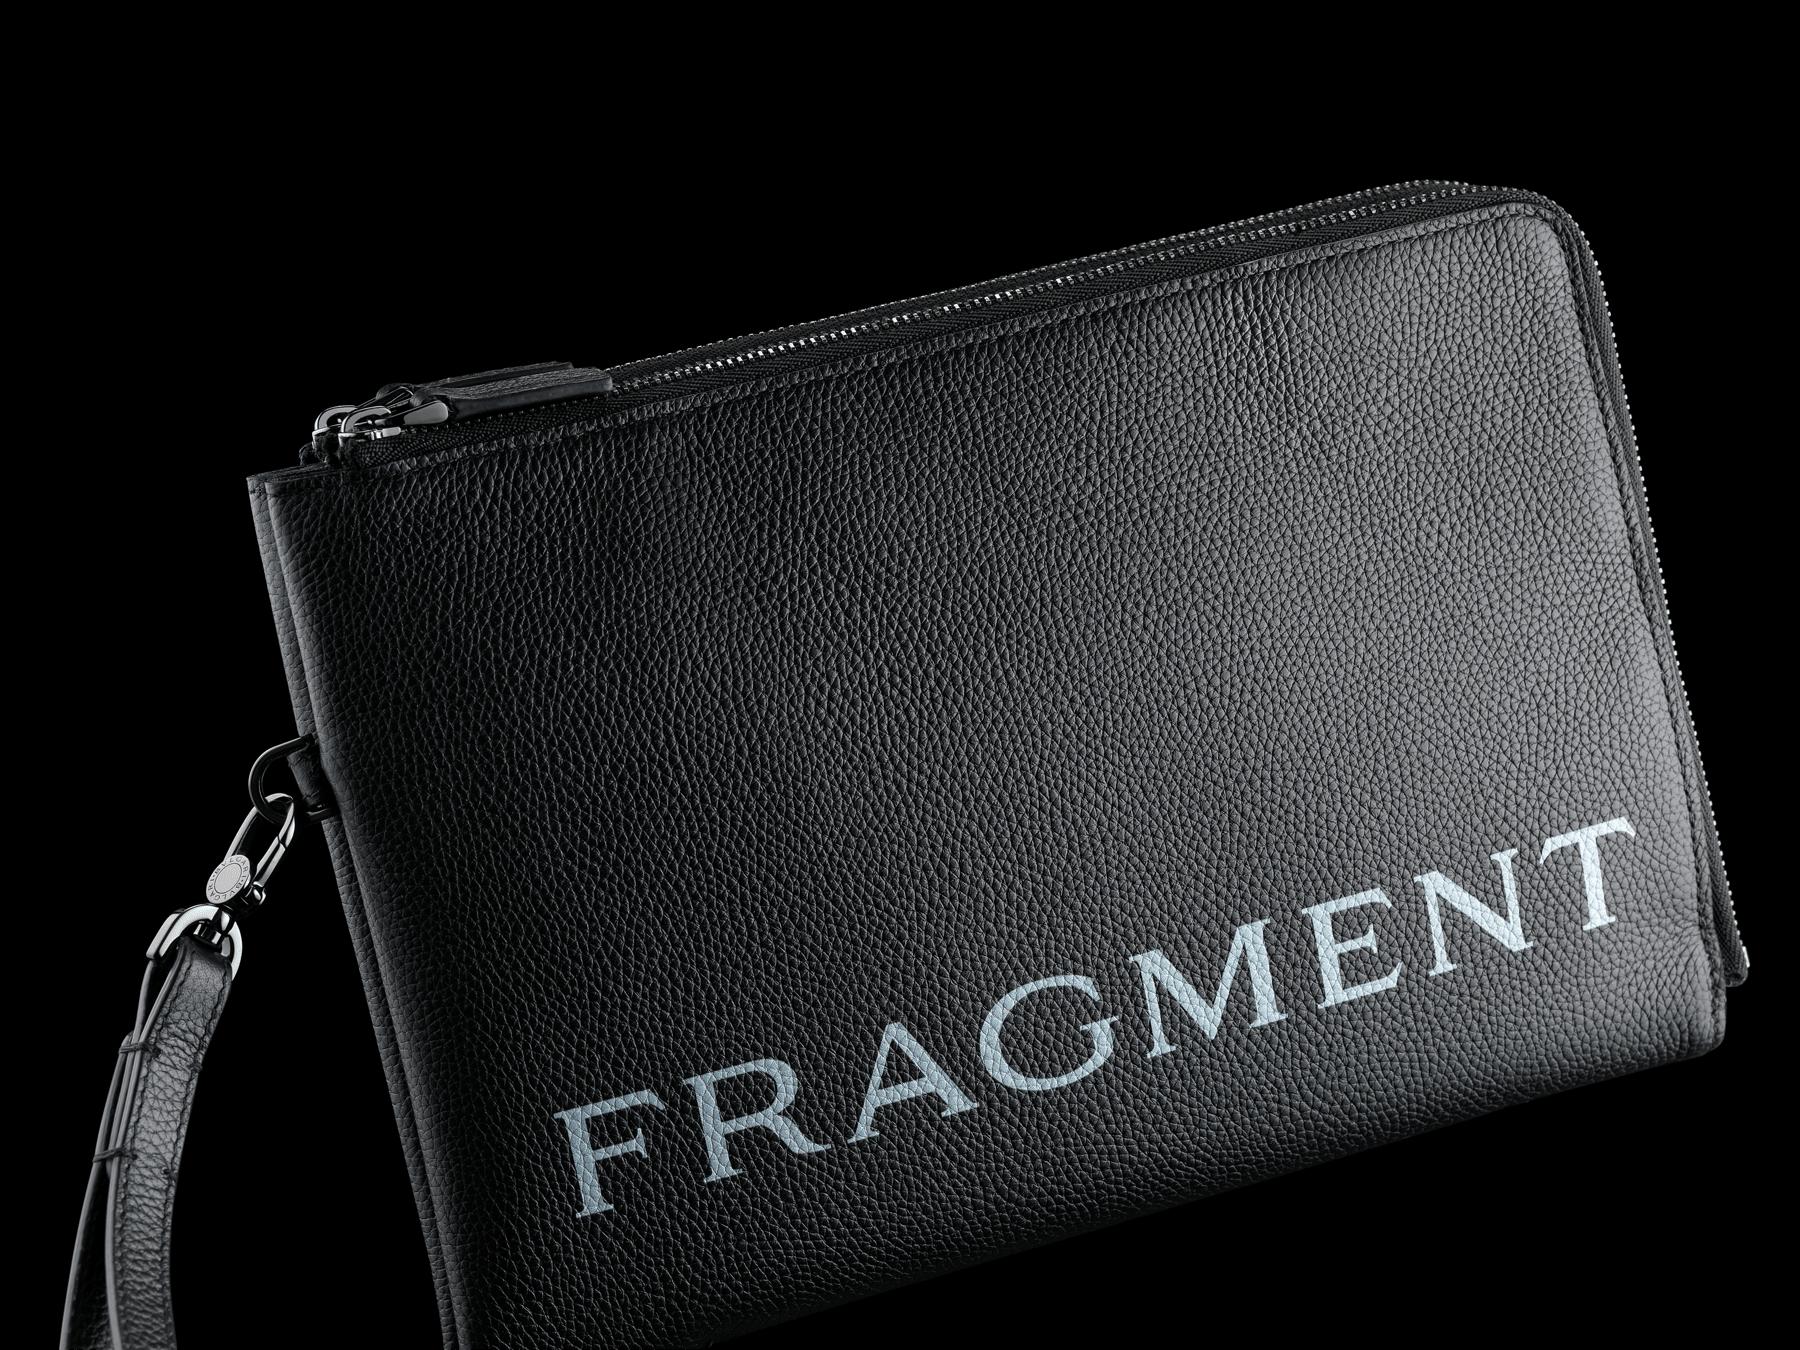 ブラックグレインカーフレザーとブラックスムースカーフレザーを使用した「FRAGMENT X BVLGARI by Hiroshi Fujiwara」クラッチバッグ。ウルトラブラックルテニウムプレートブラス製金具、「BVLGARI」と「FRAGMENT」のホワイトロゴプリント。 CLUTHBAG-FUJI3rd image 4